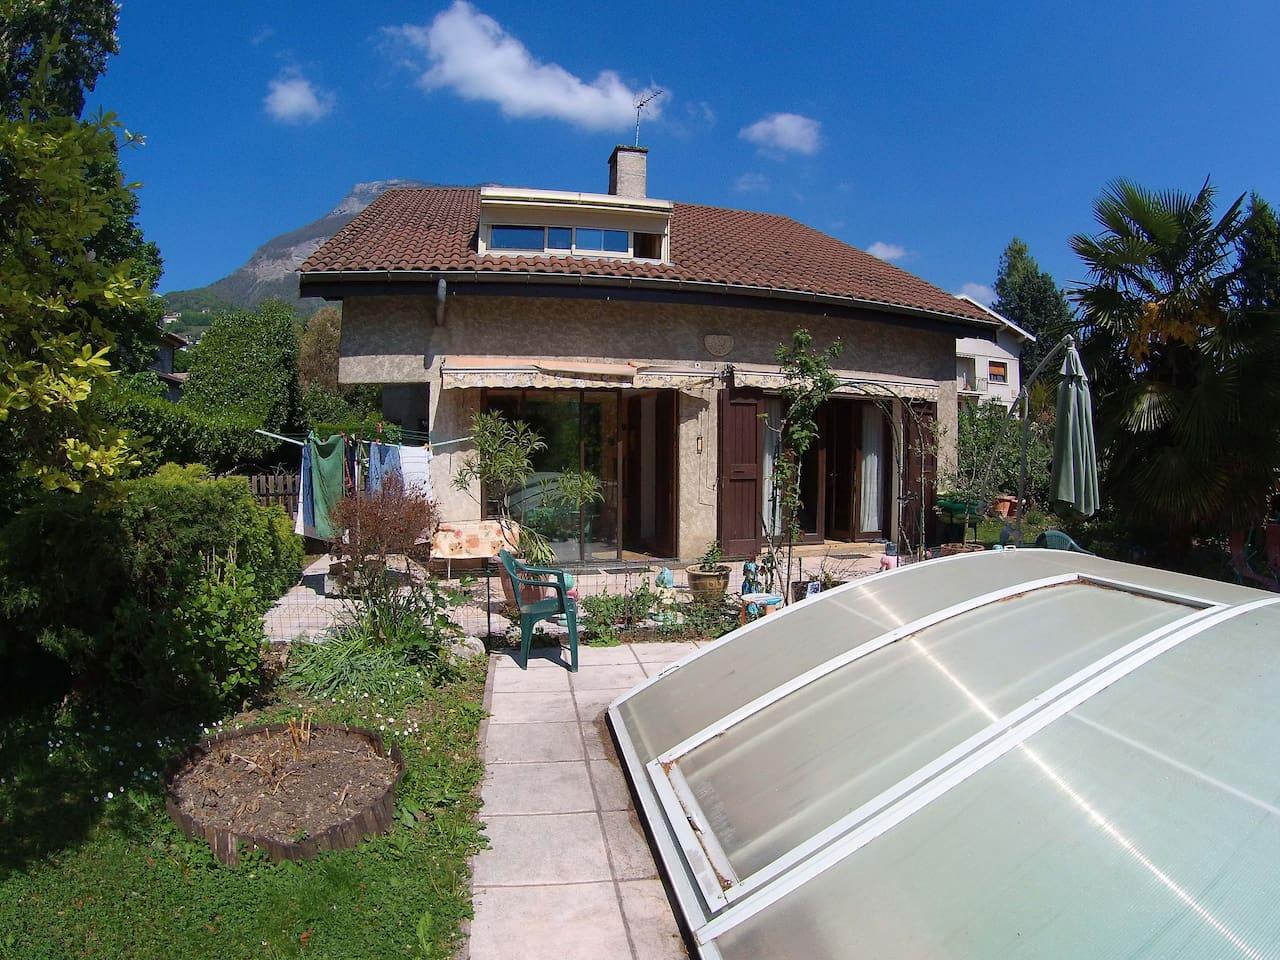 Villa , dans un cadre paisible , entourée de verdure à 10 mn du centre de Grenoble